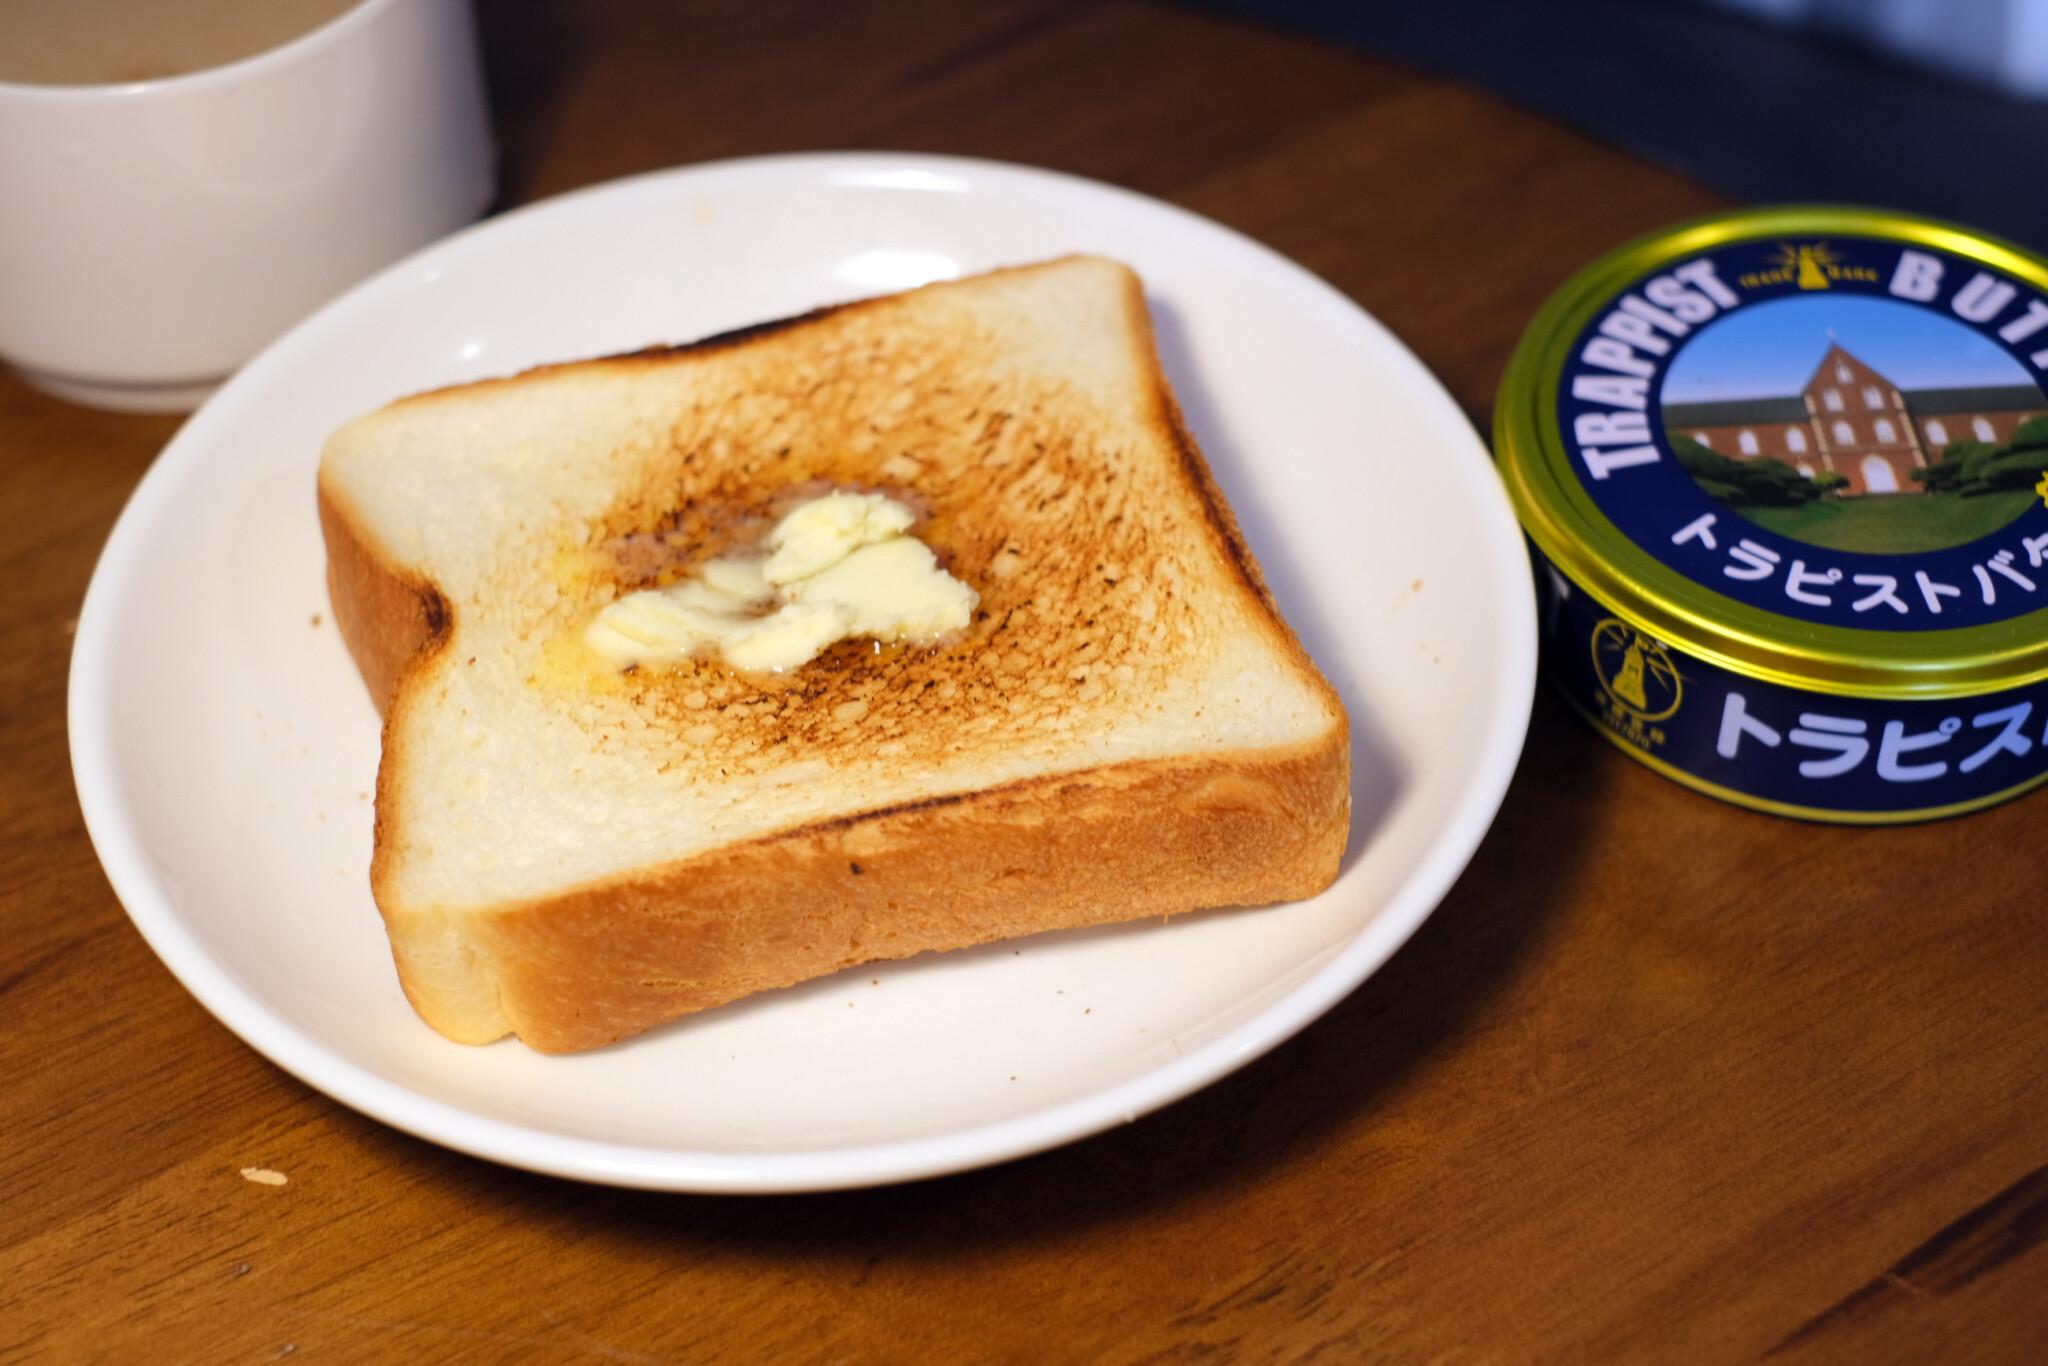 【北海道お取り寄せ】発酵熟成した「トラピストバター」はリピートしたくなるおいしさ!